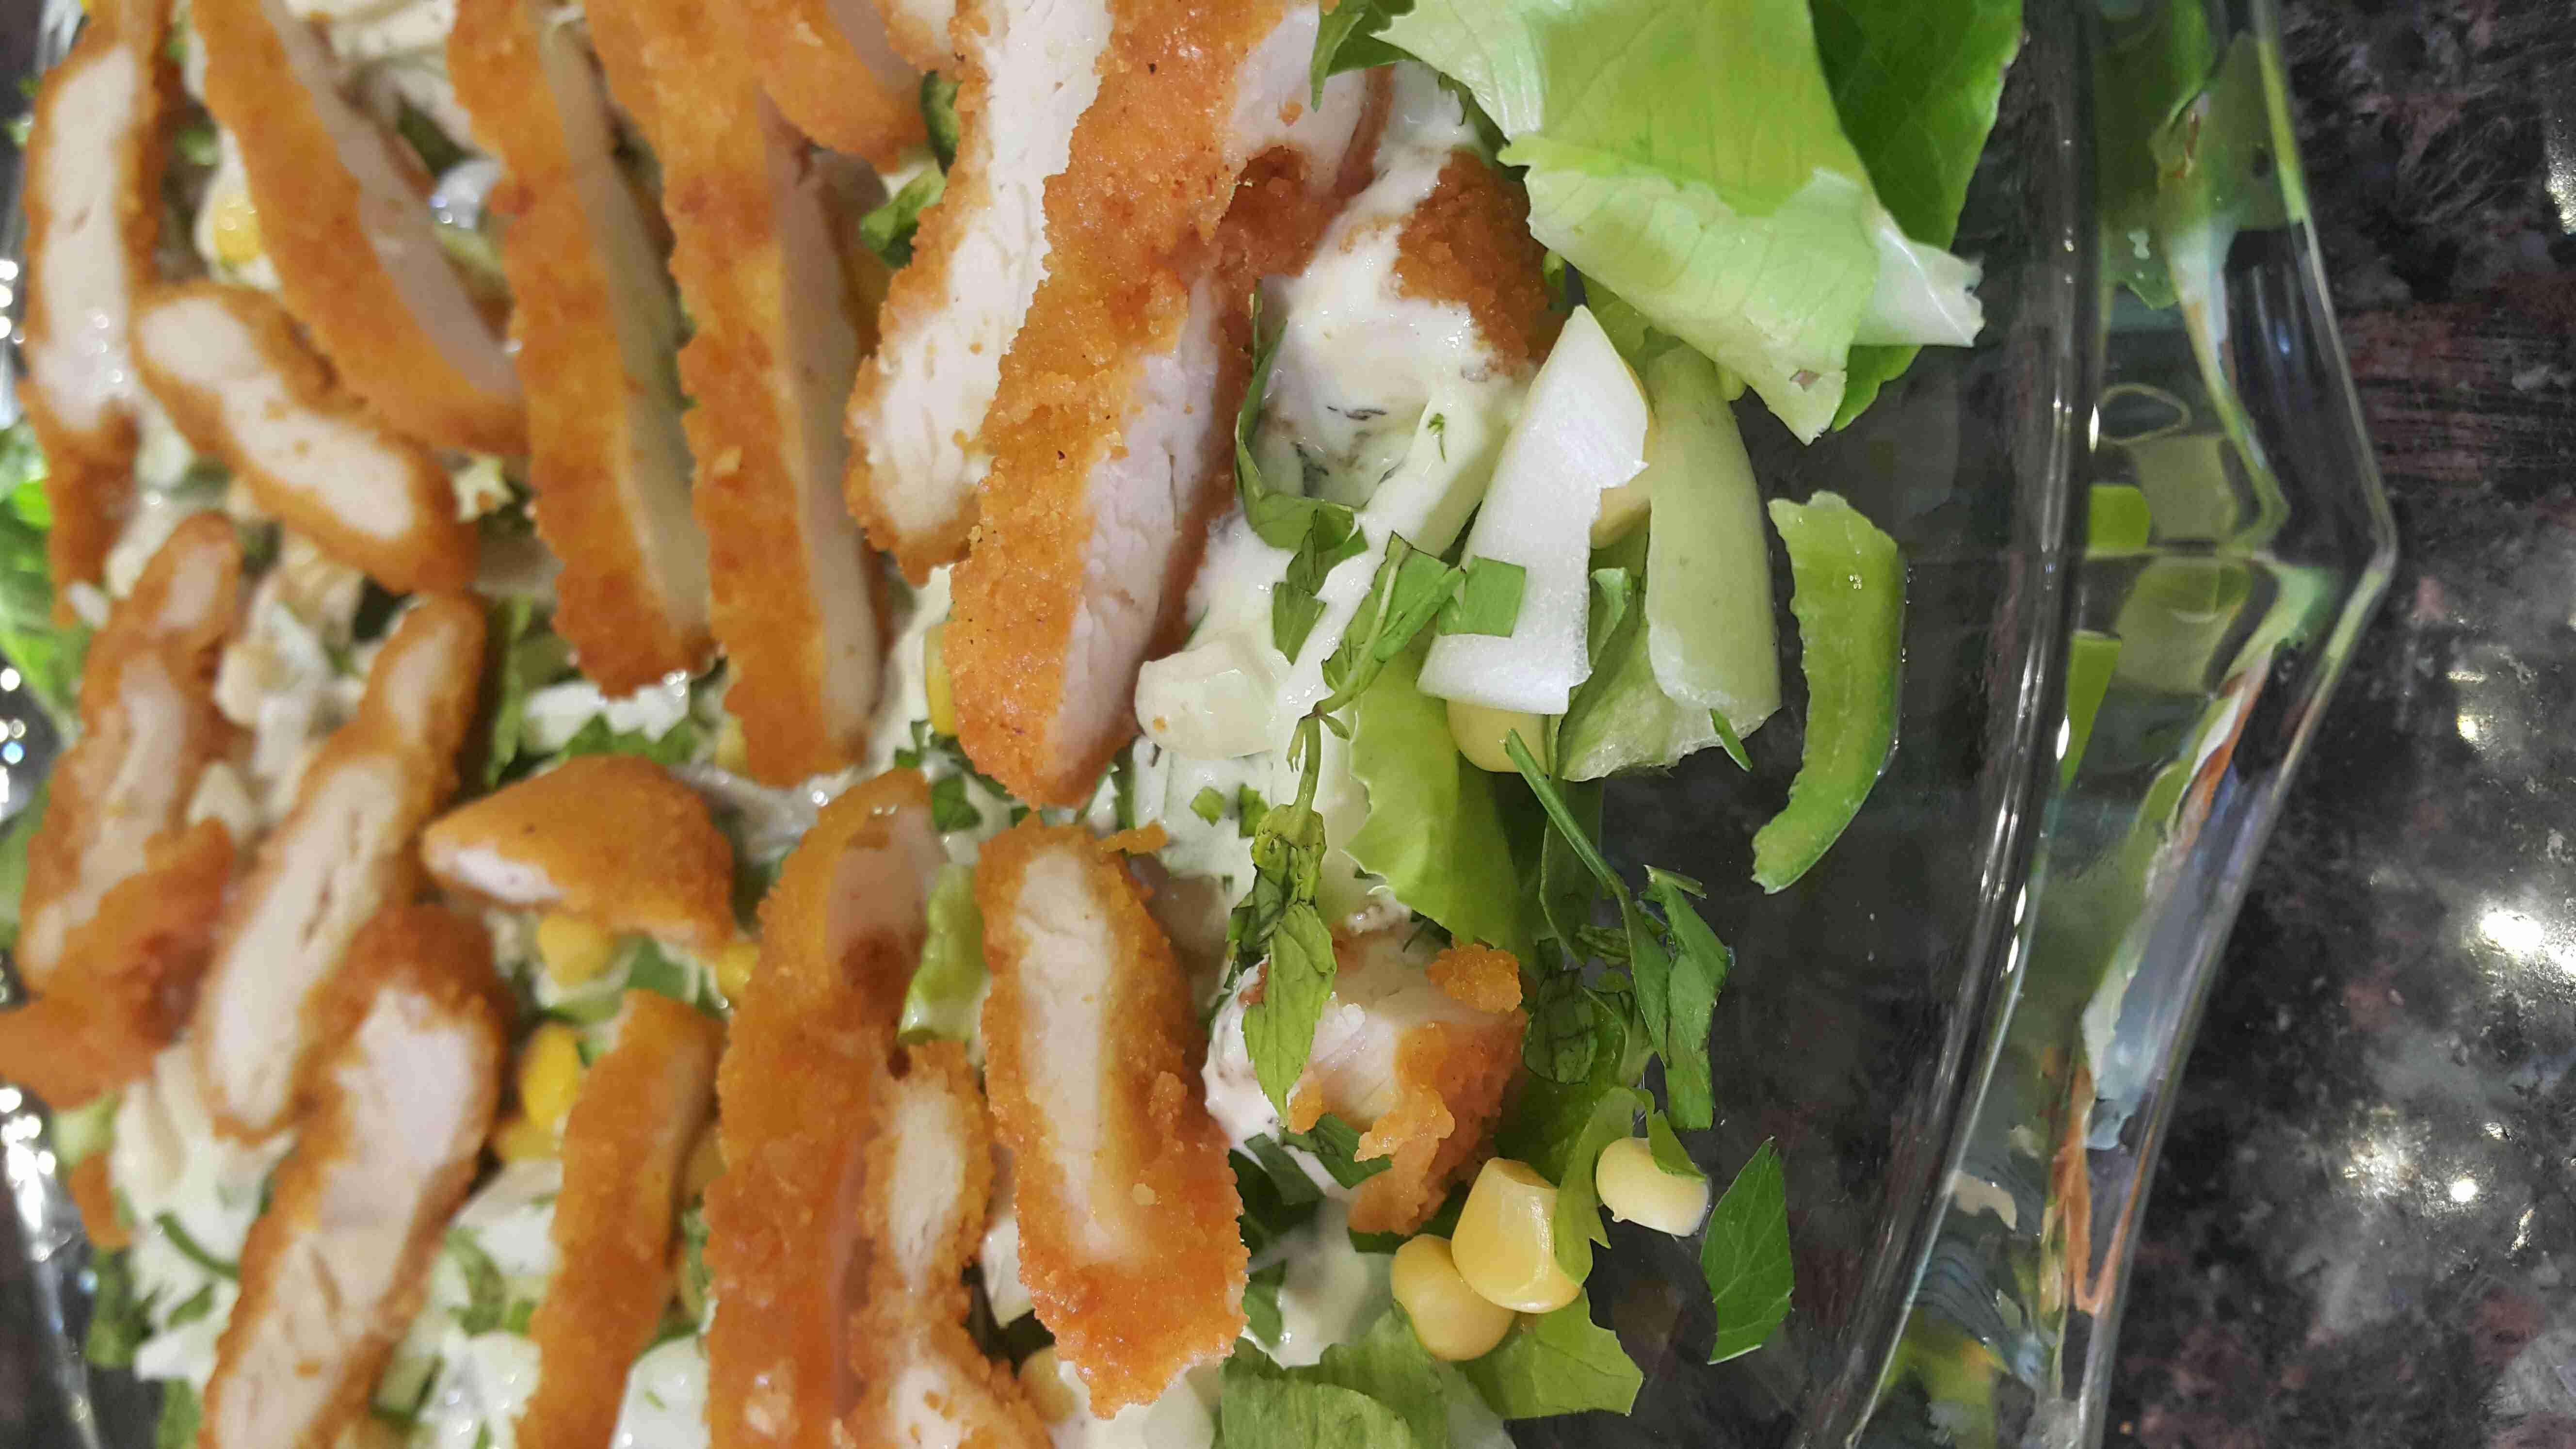 سلطة الدجاج بالزبادي أطباق جانبية رمضانية سلطات و مقبلات مقبلات رمضانية سلطة الدجاج بالزبادي عزيزتي المتابعة بصمت لتصلك مزيد من الوصفات ضعي Side Plates Plates